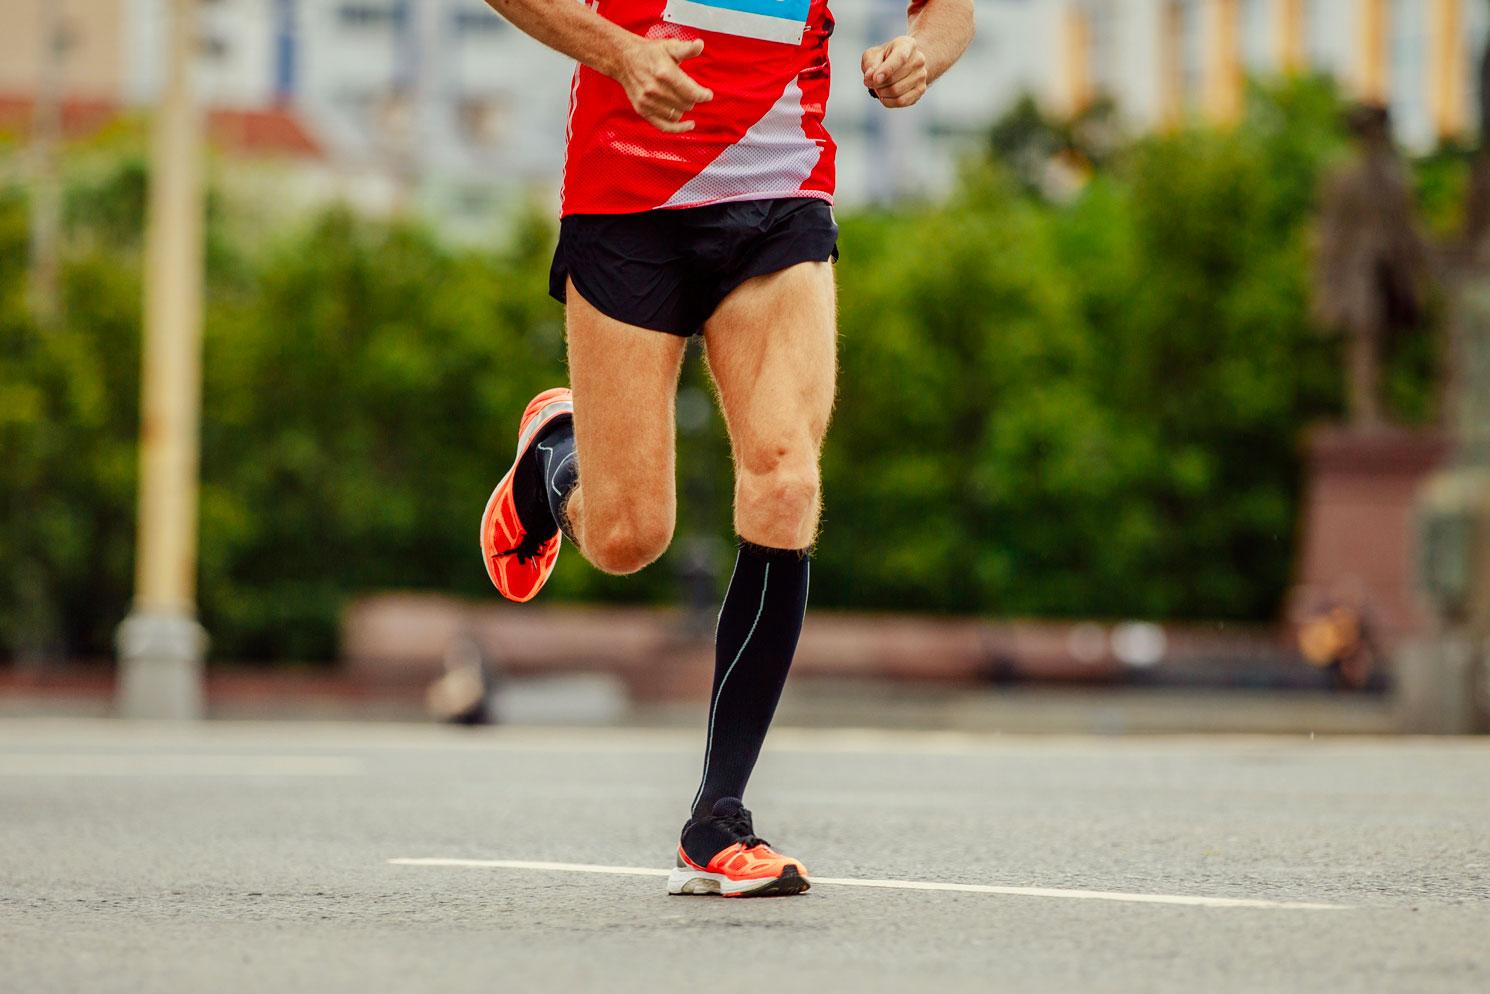 migliore online goditi la spedizione gratuita vero affare Scarpe per Maratona: Le 5 Migliori Scarpe da Maratona del 2019